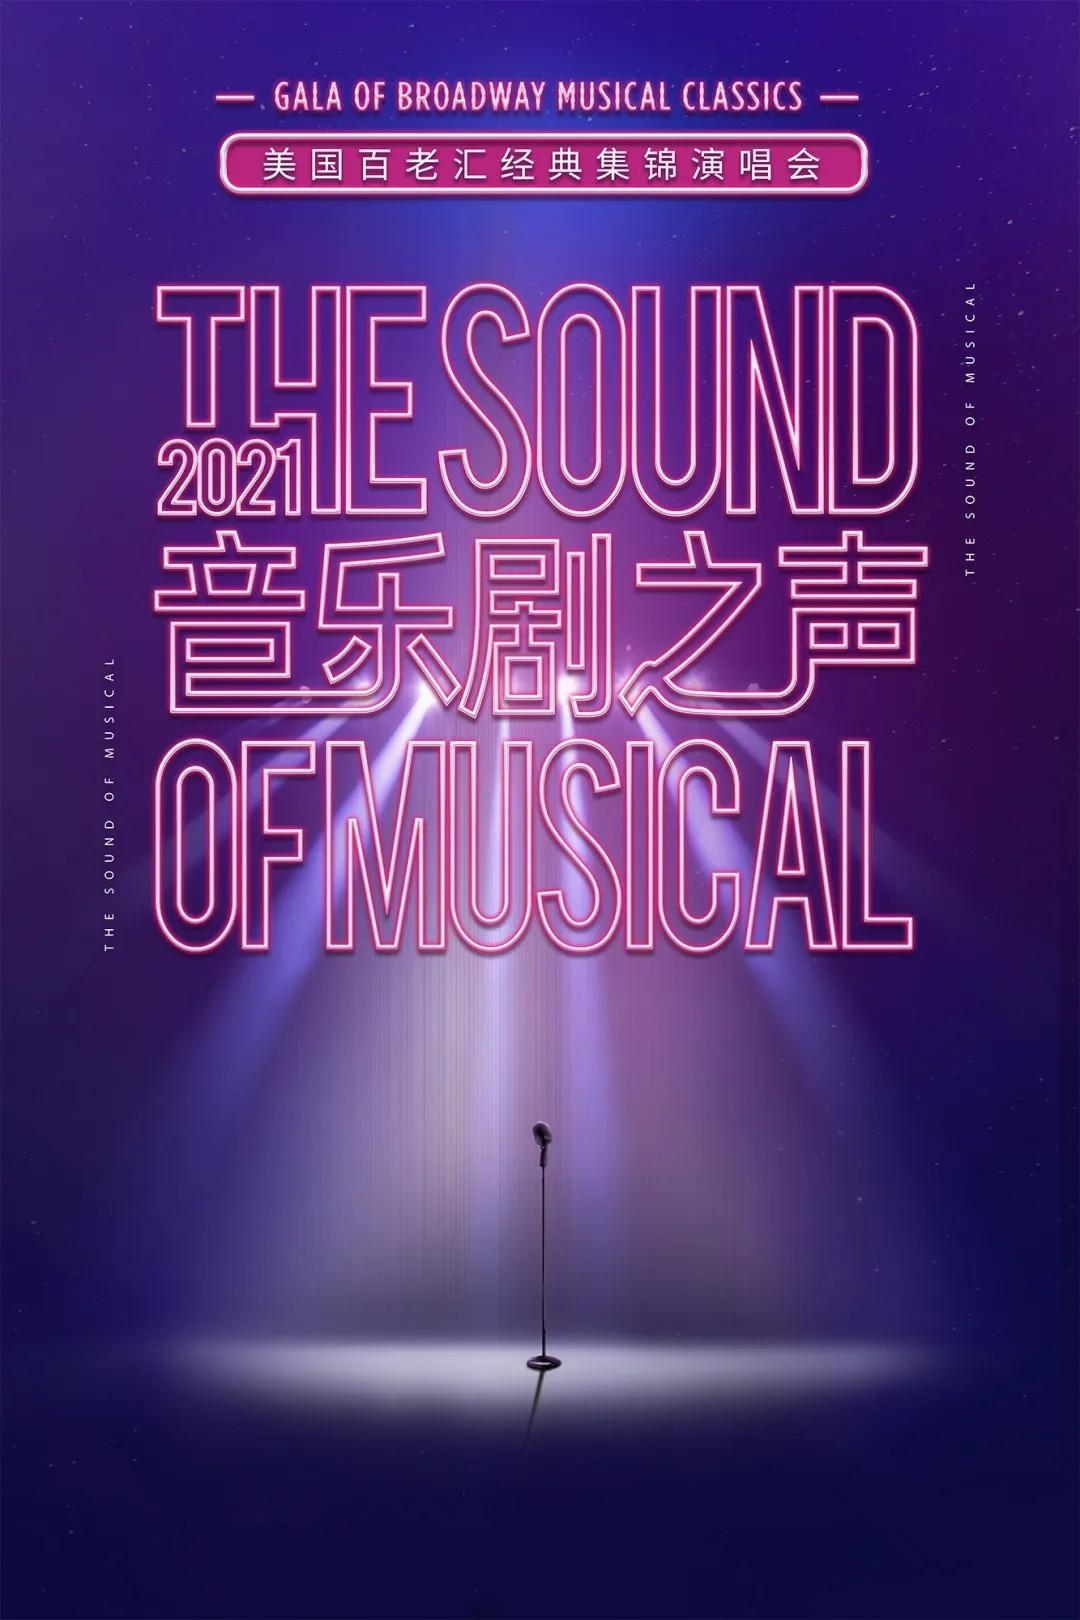 2021音乐剧之声—美国百老汇经典集锦演唱会-苏州站